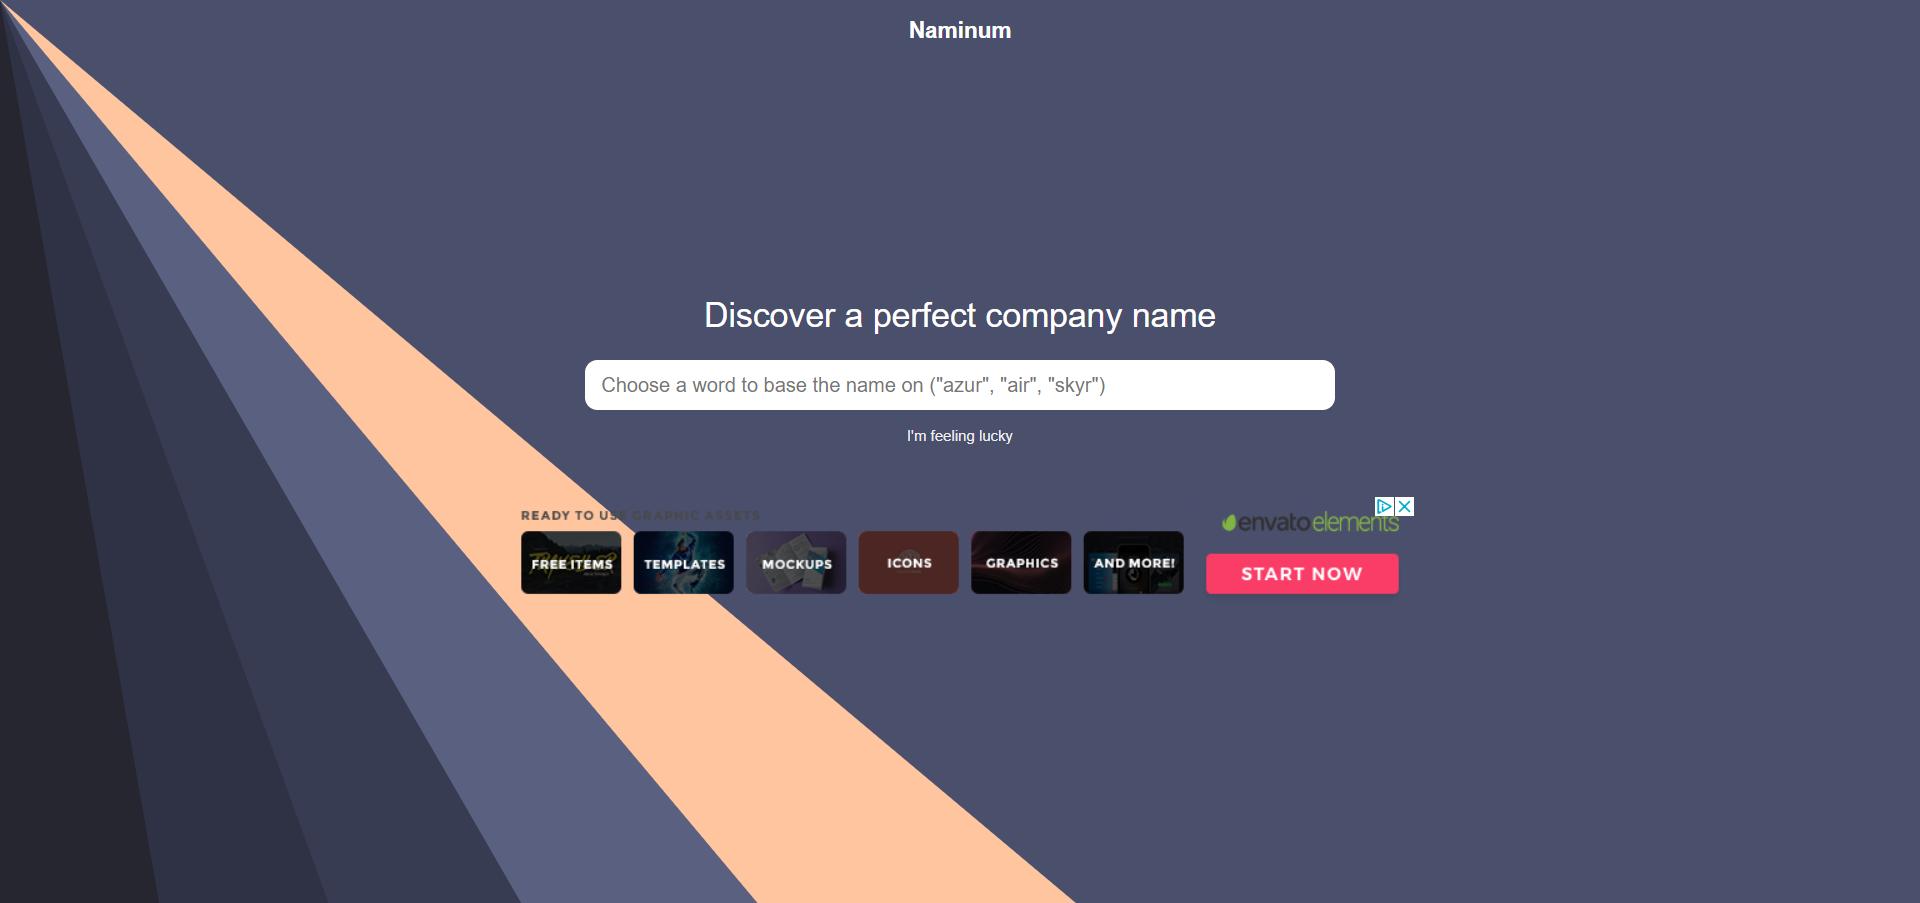 Naminum website image